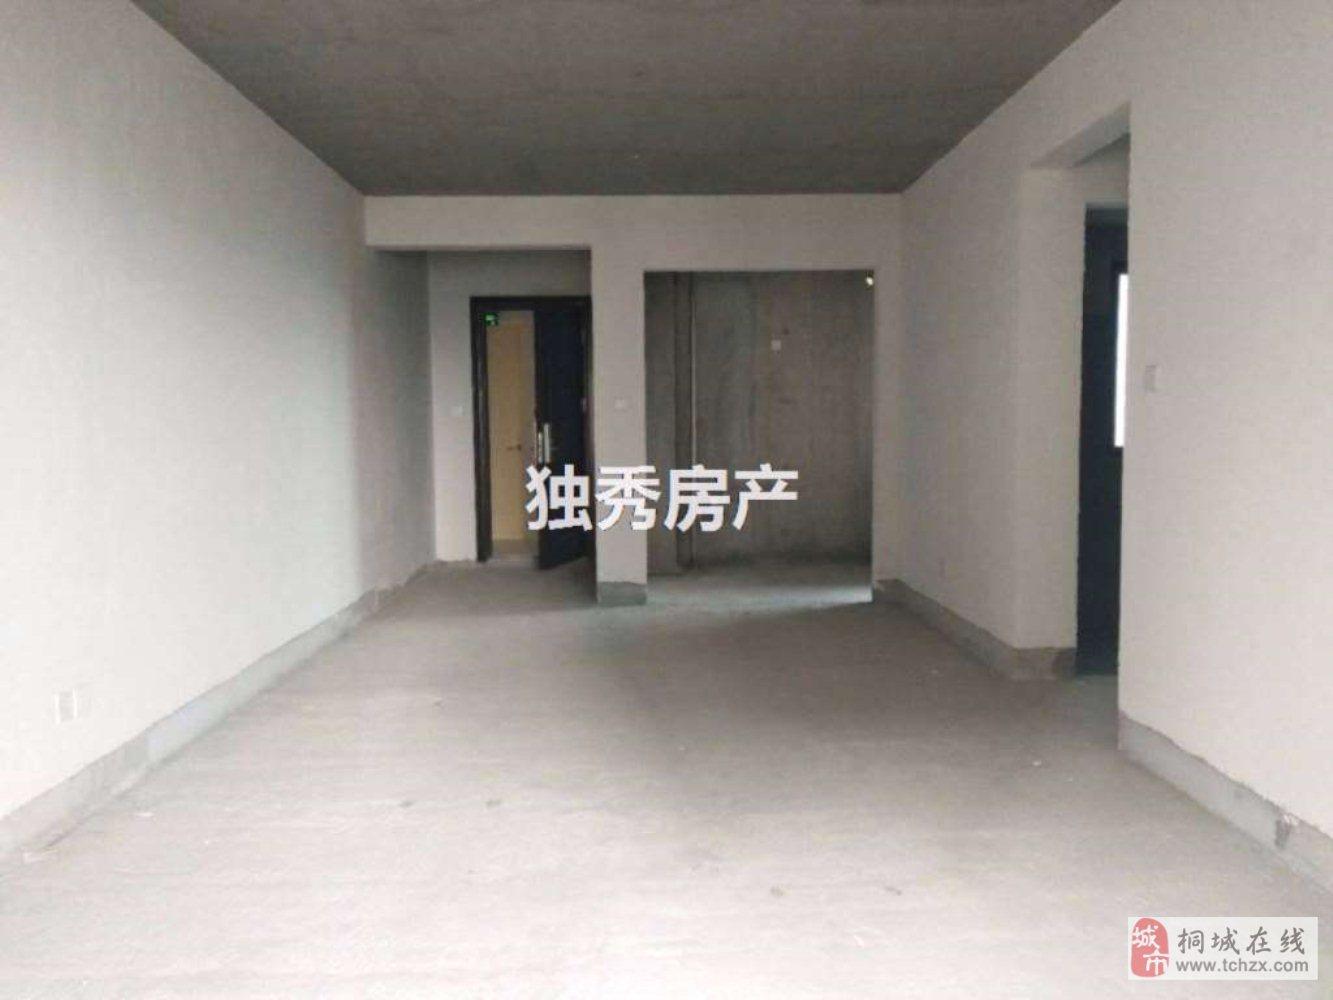 同安小学附近碧桂园电梯房中间楼层全新毛坯房主惜售